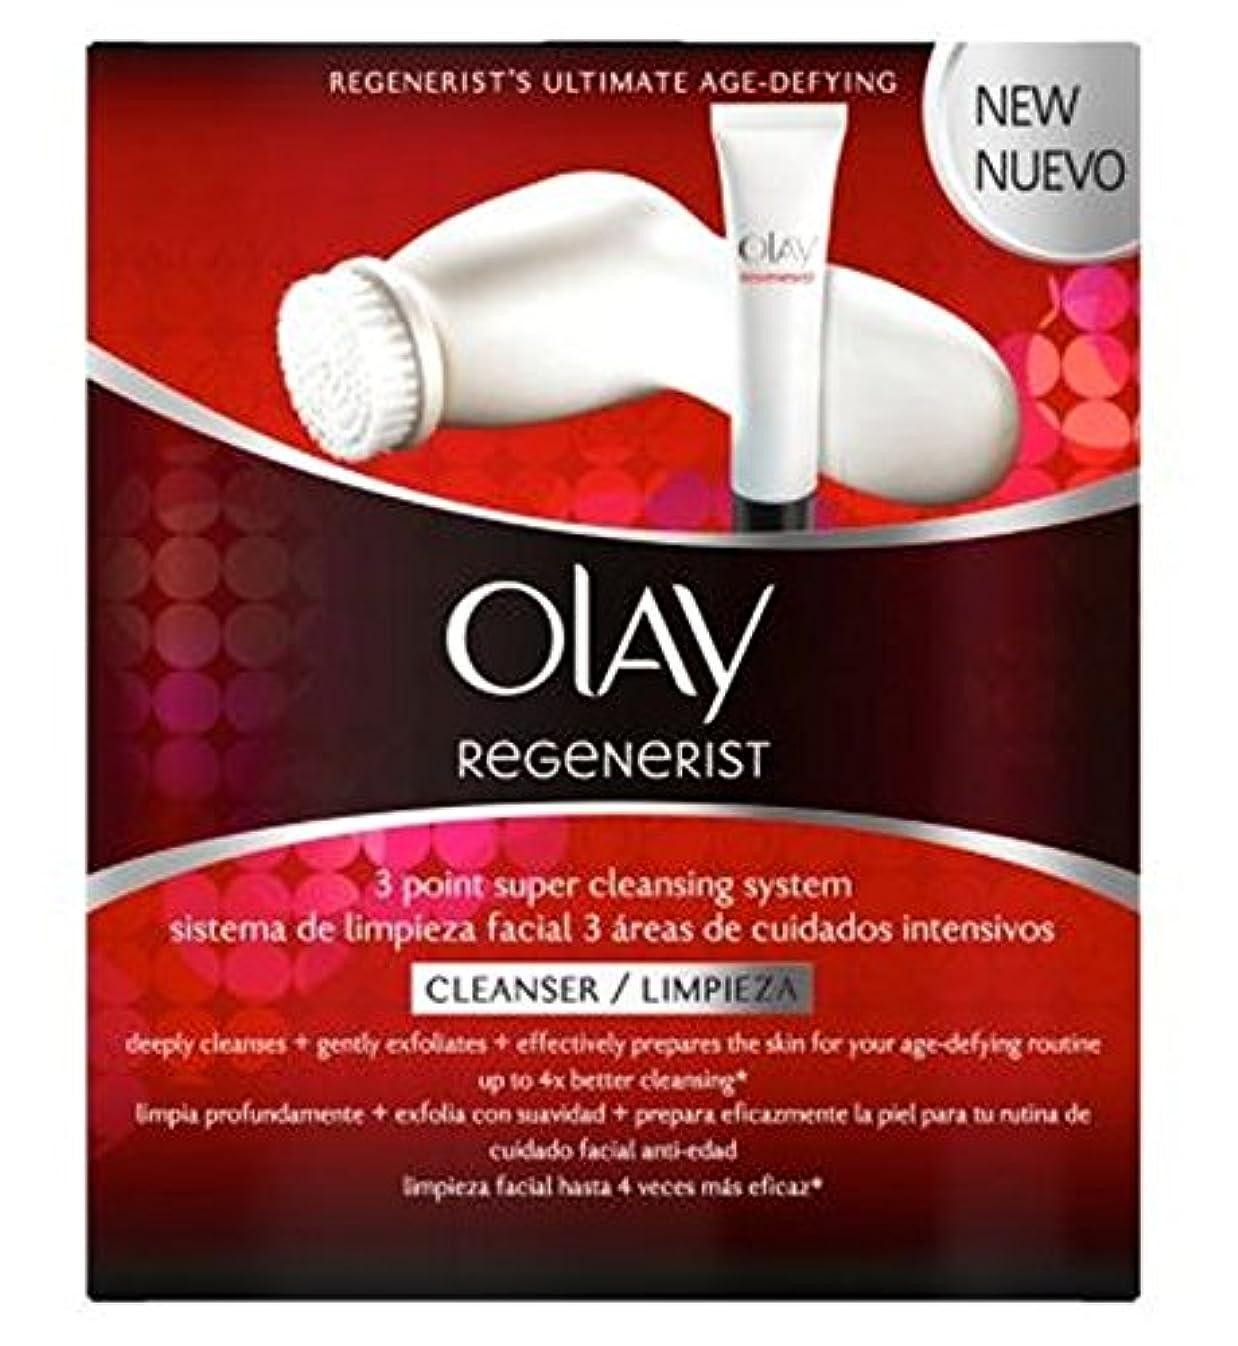 哲学的繊毛放映オーレイリジェネ3点スーパークレンジングシステム (Olay) (x2) - Olay Regenerist 3 Point Super Cleansing System (Pack of 2) [並行輸入品]